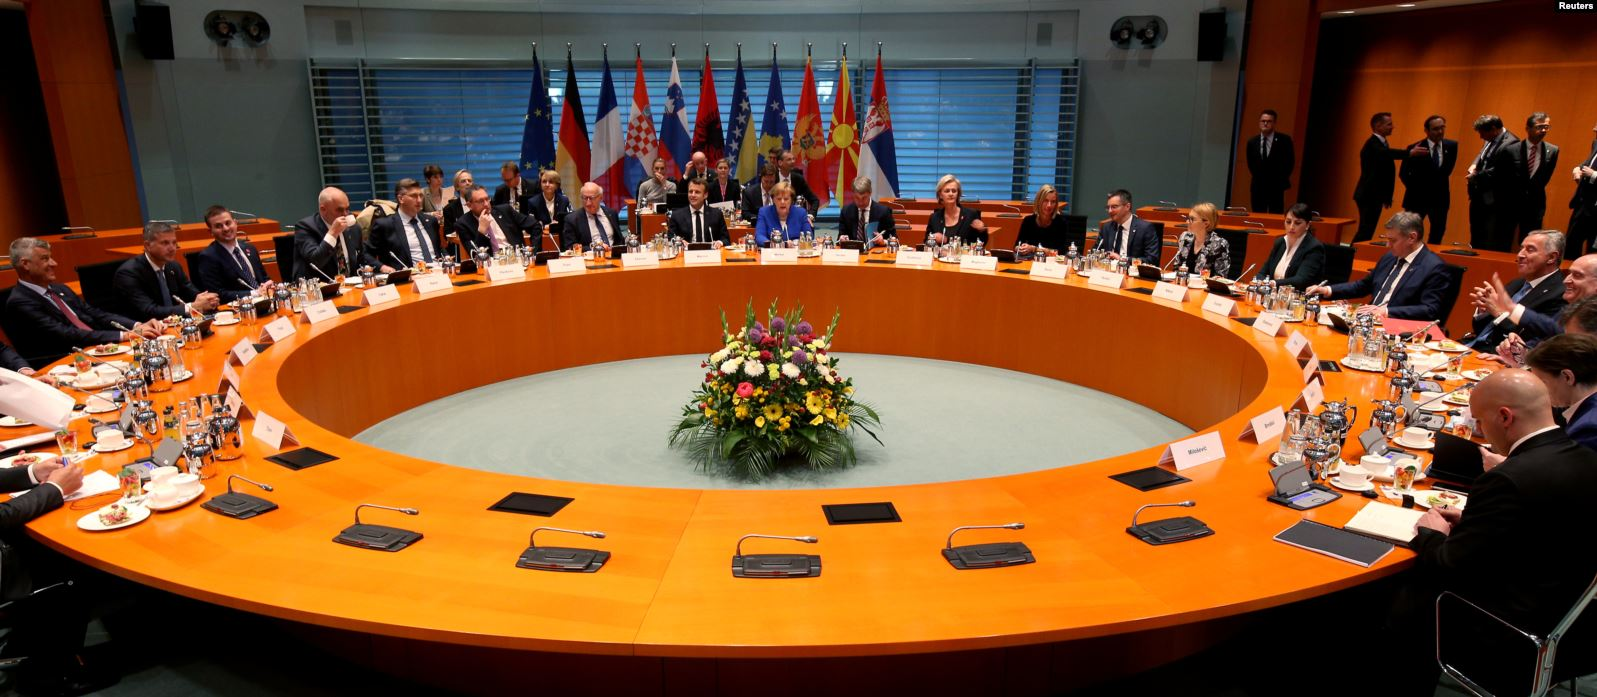 Merkel: Zgjidhja Kosovë – Serbi të mos bëhet në dëm të vendeve tjera